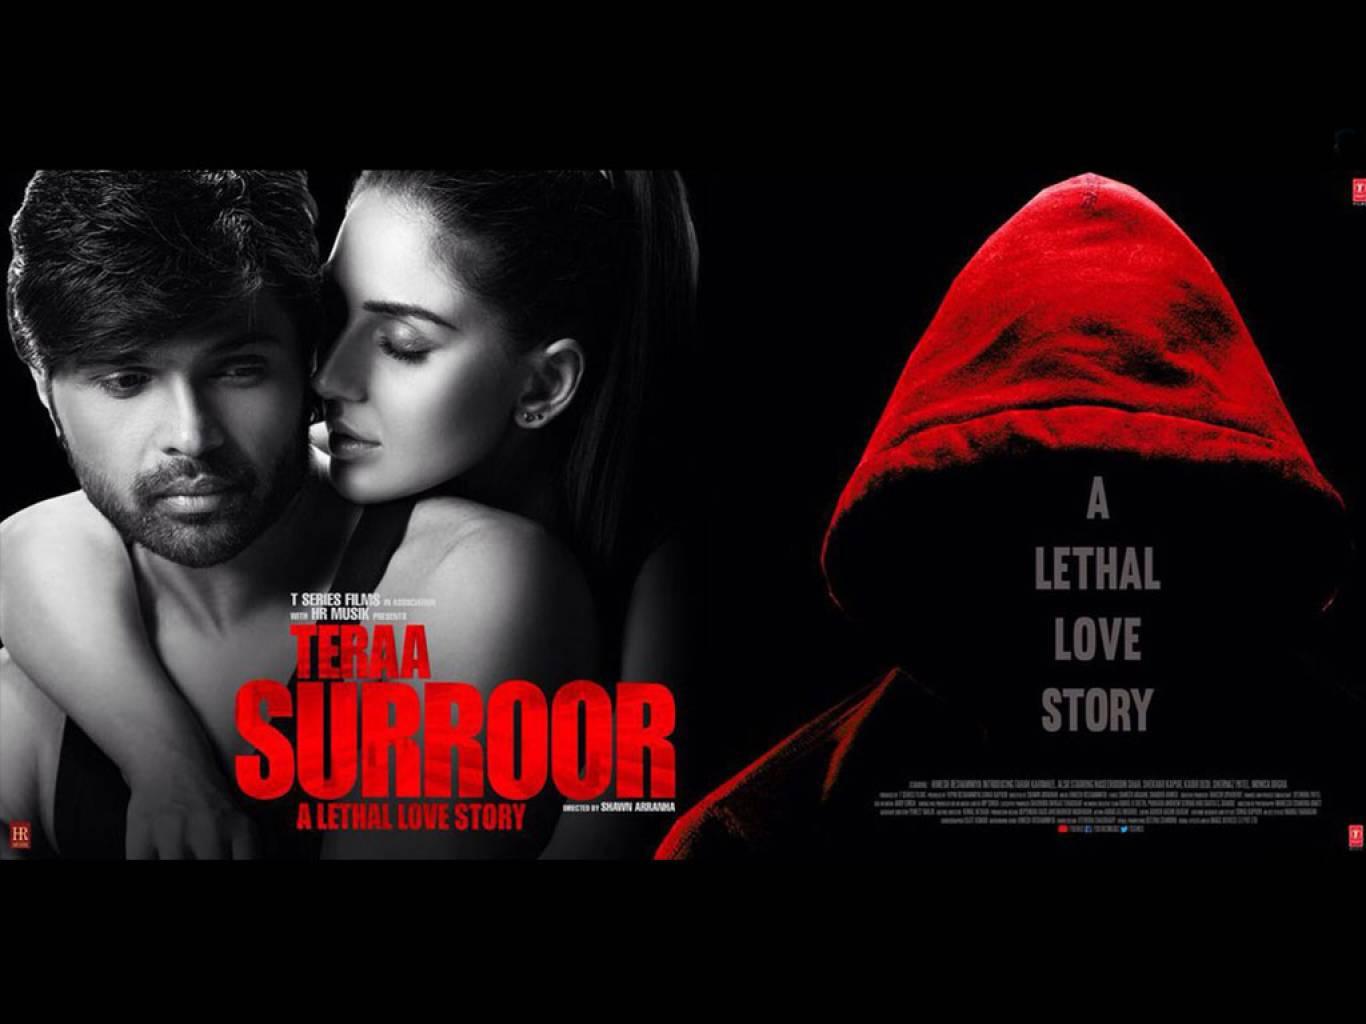 Teraa Surroor Torrent Movie Download 2016